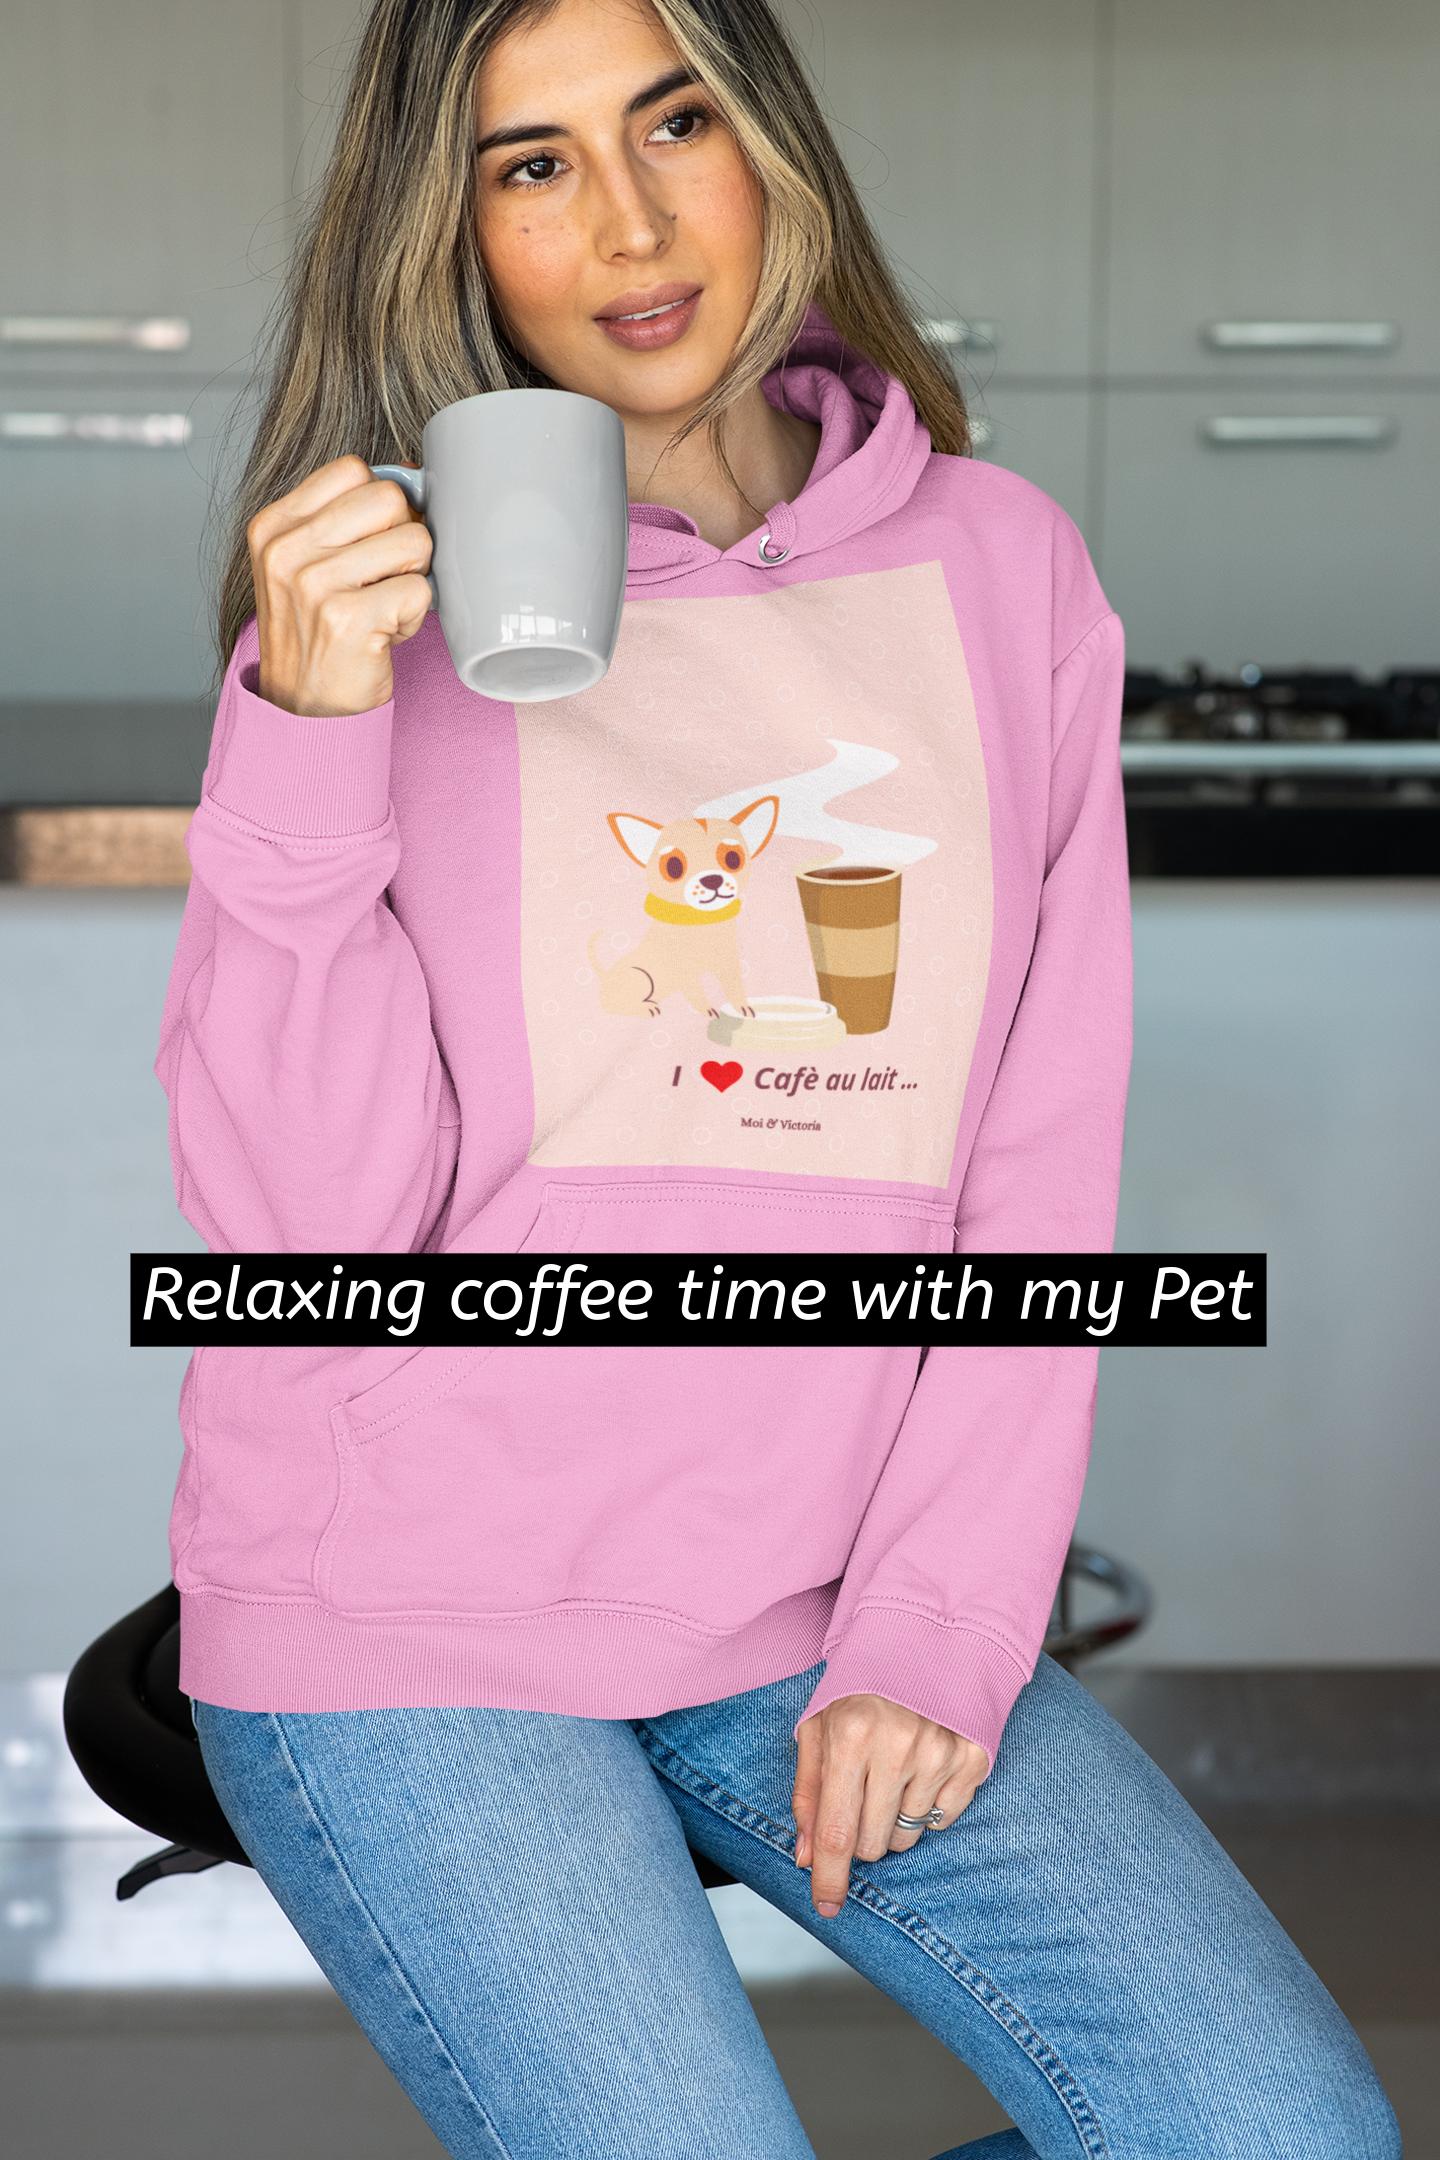 Matching Anime Hoodies : matching, anime, hoodies, Relaxing, Coffee, Matching, Hoodies, Yourself, Kawaii, Hoodie,, Anime, Sweatshirt,, Vaporwave, Hoodie